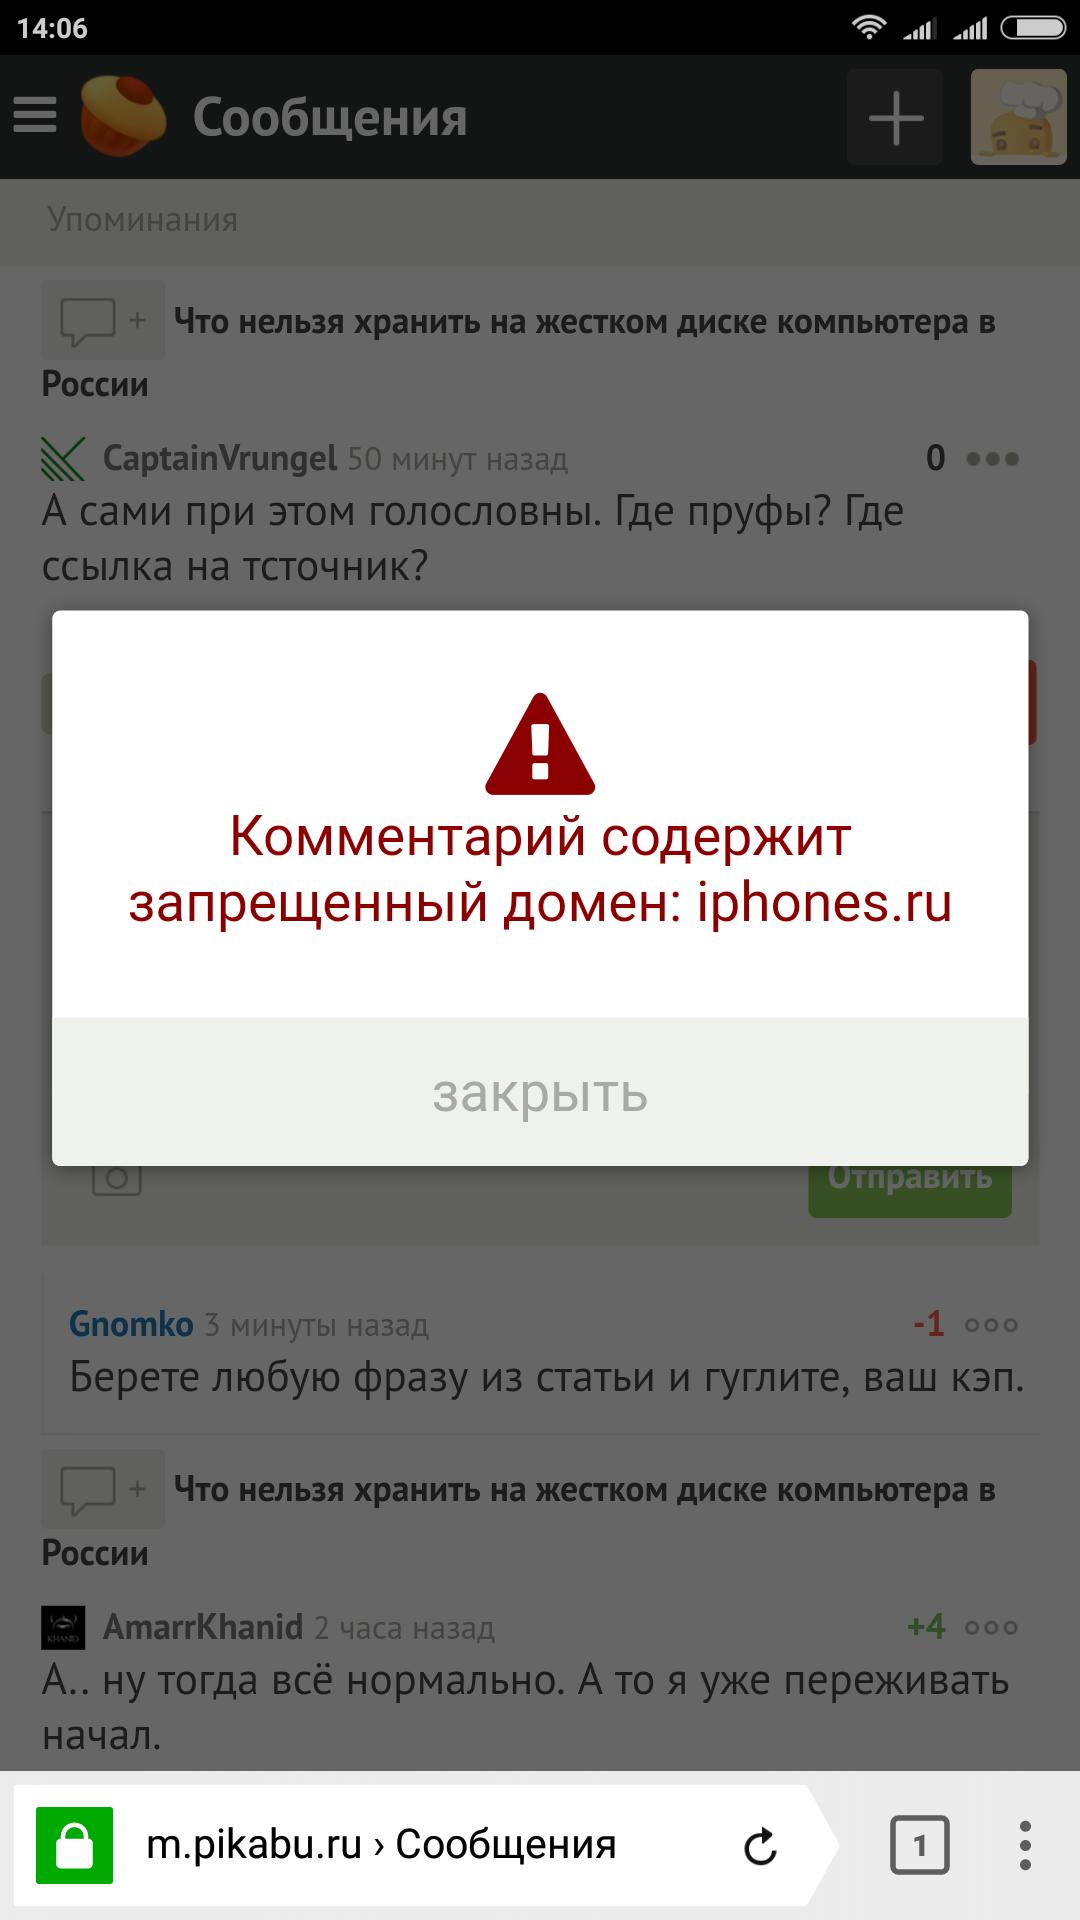 Хранение порно на компьютере в россии